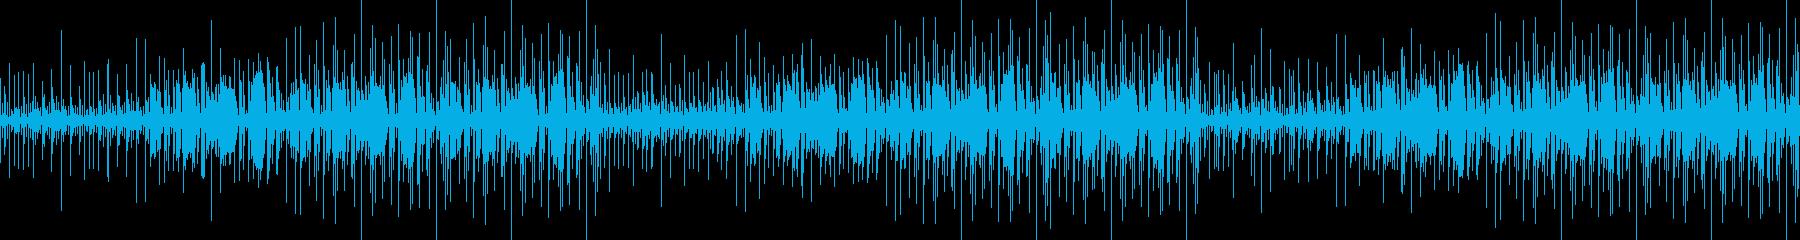 レゲエ スカし 民謡 コーポレート...の再生済みの波形